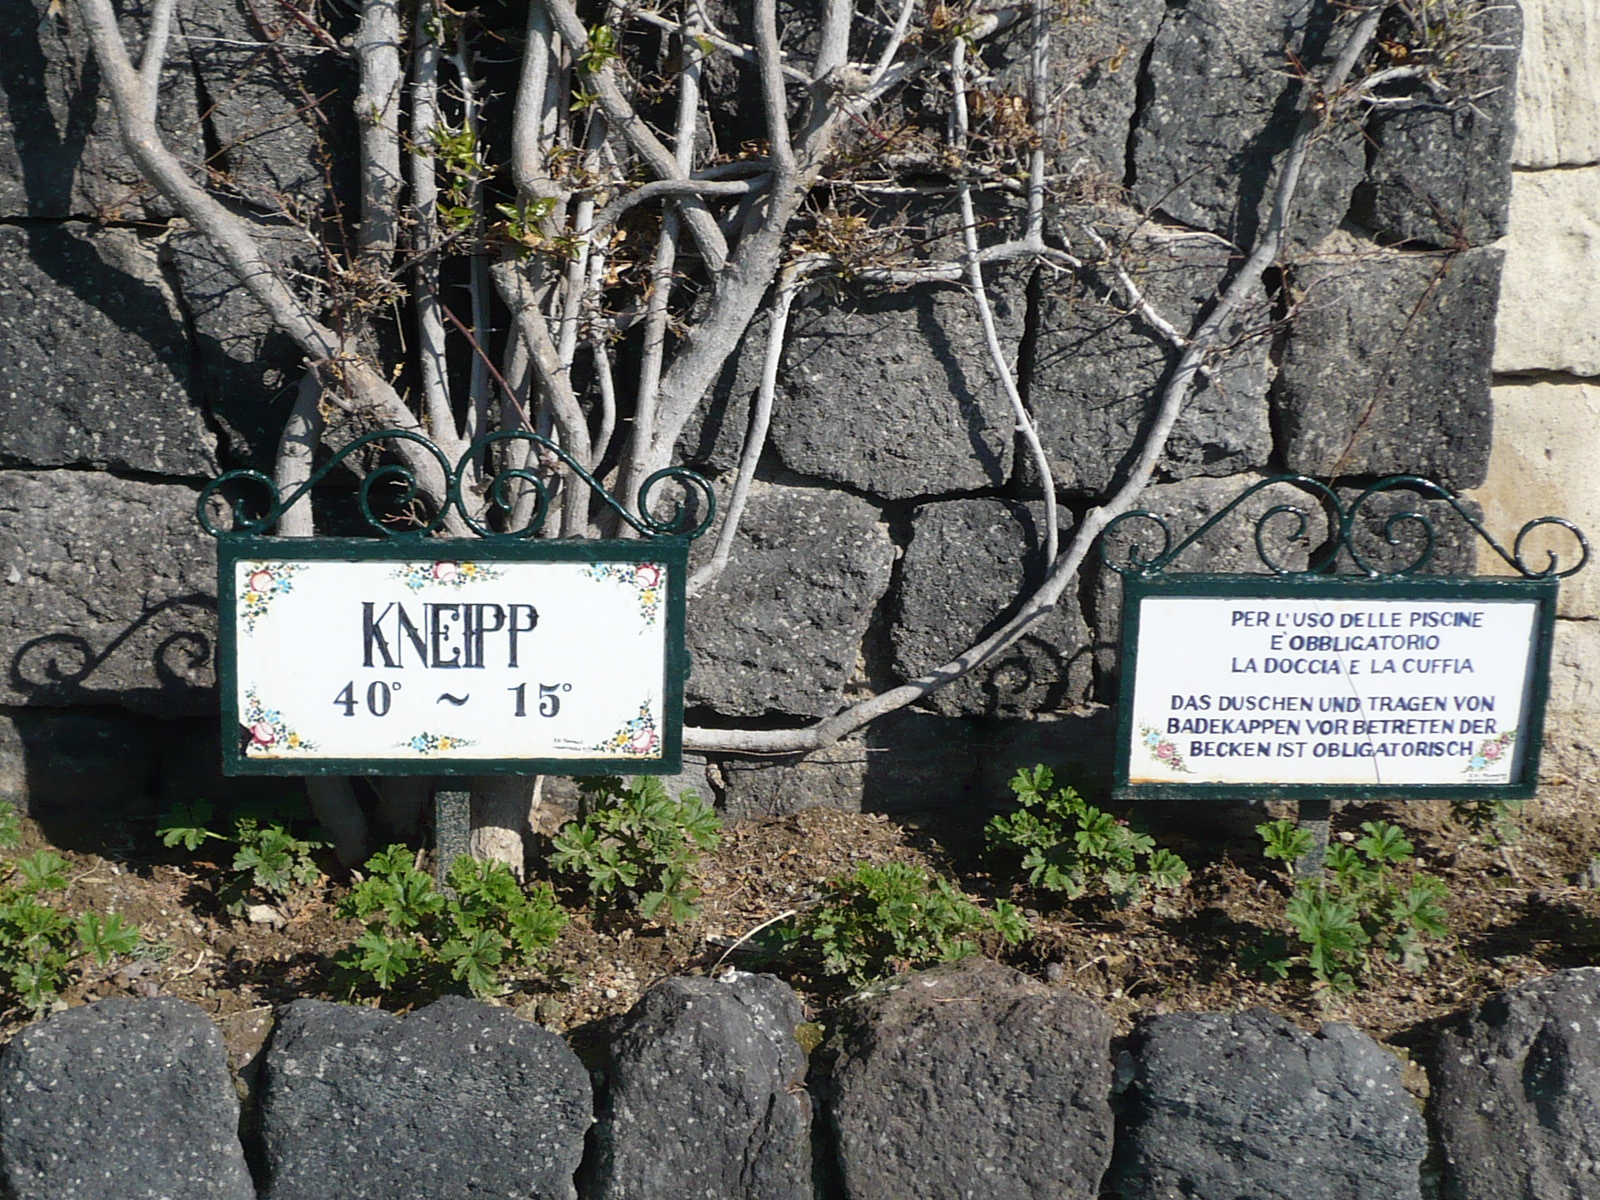 Die Kneipp-Becken sind eine Haerausforderung für viele.